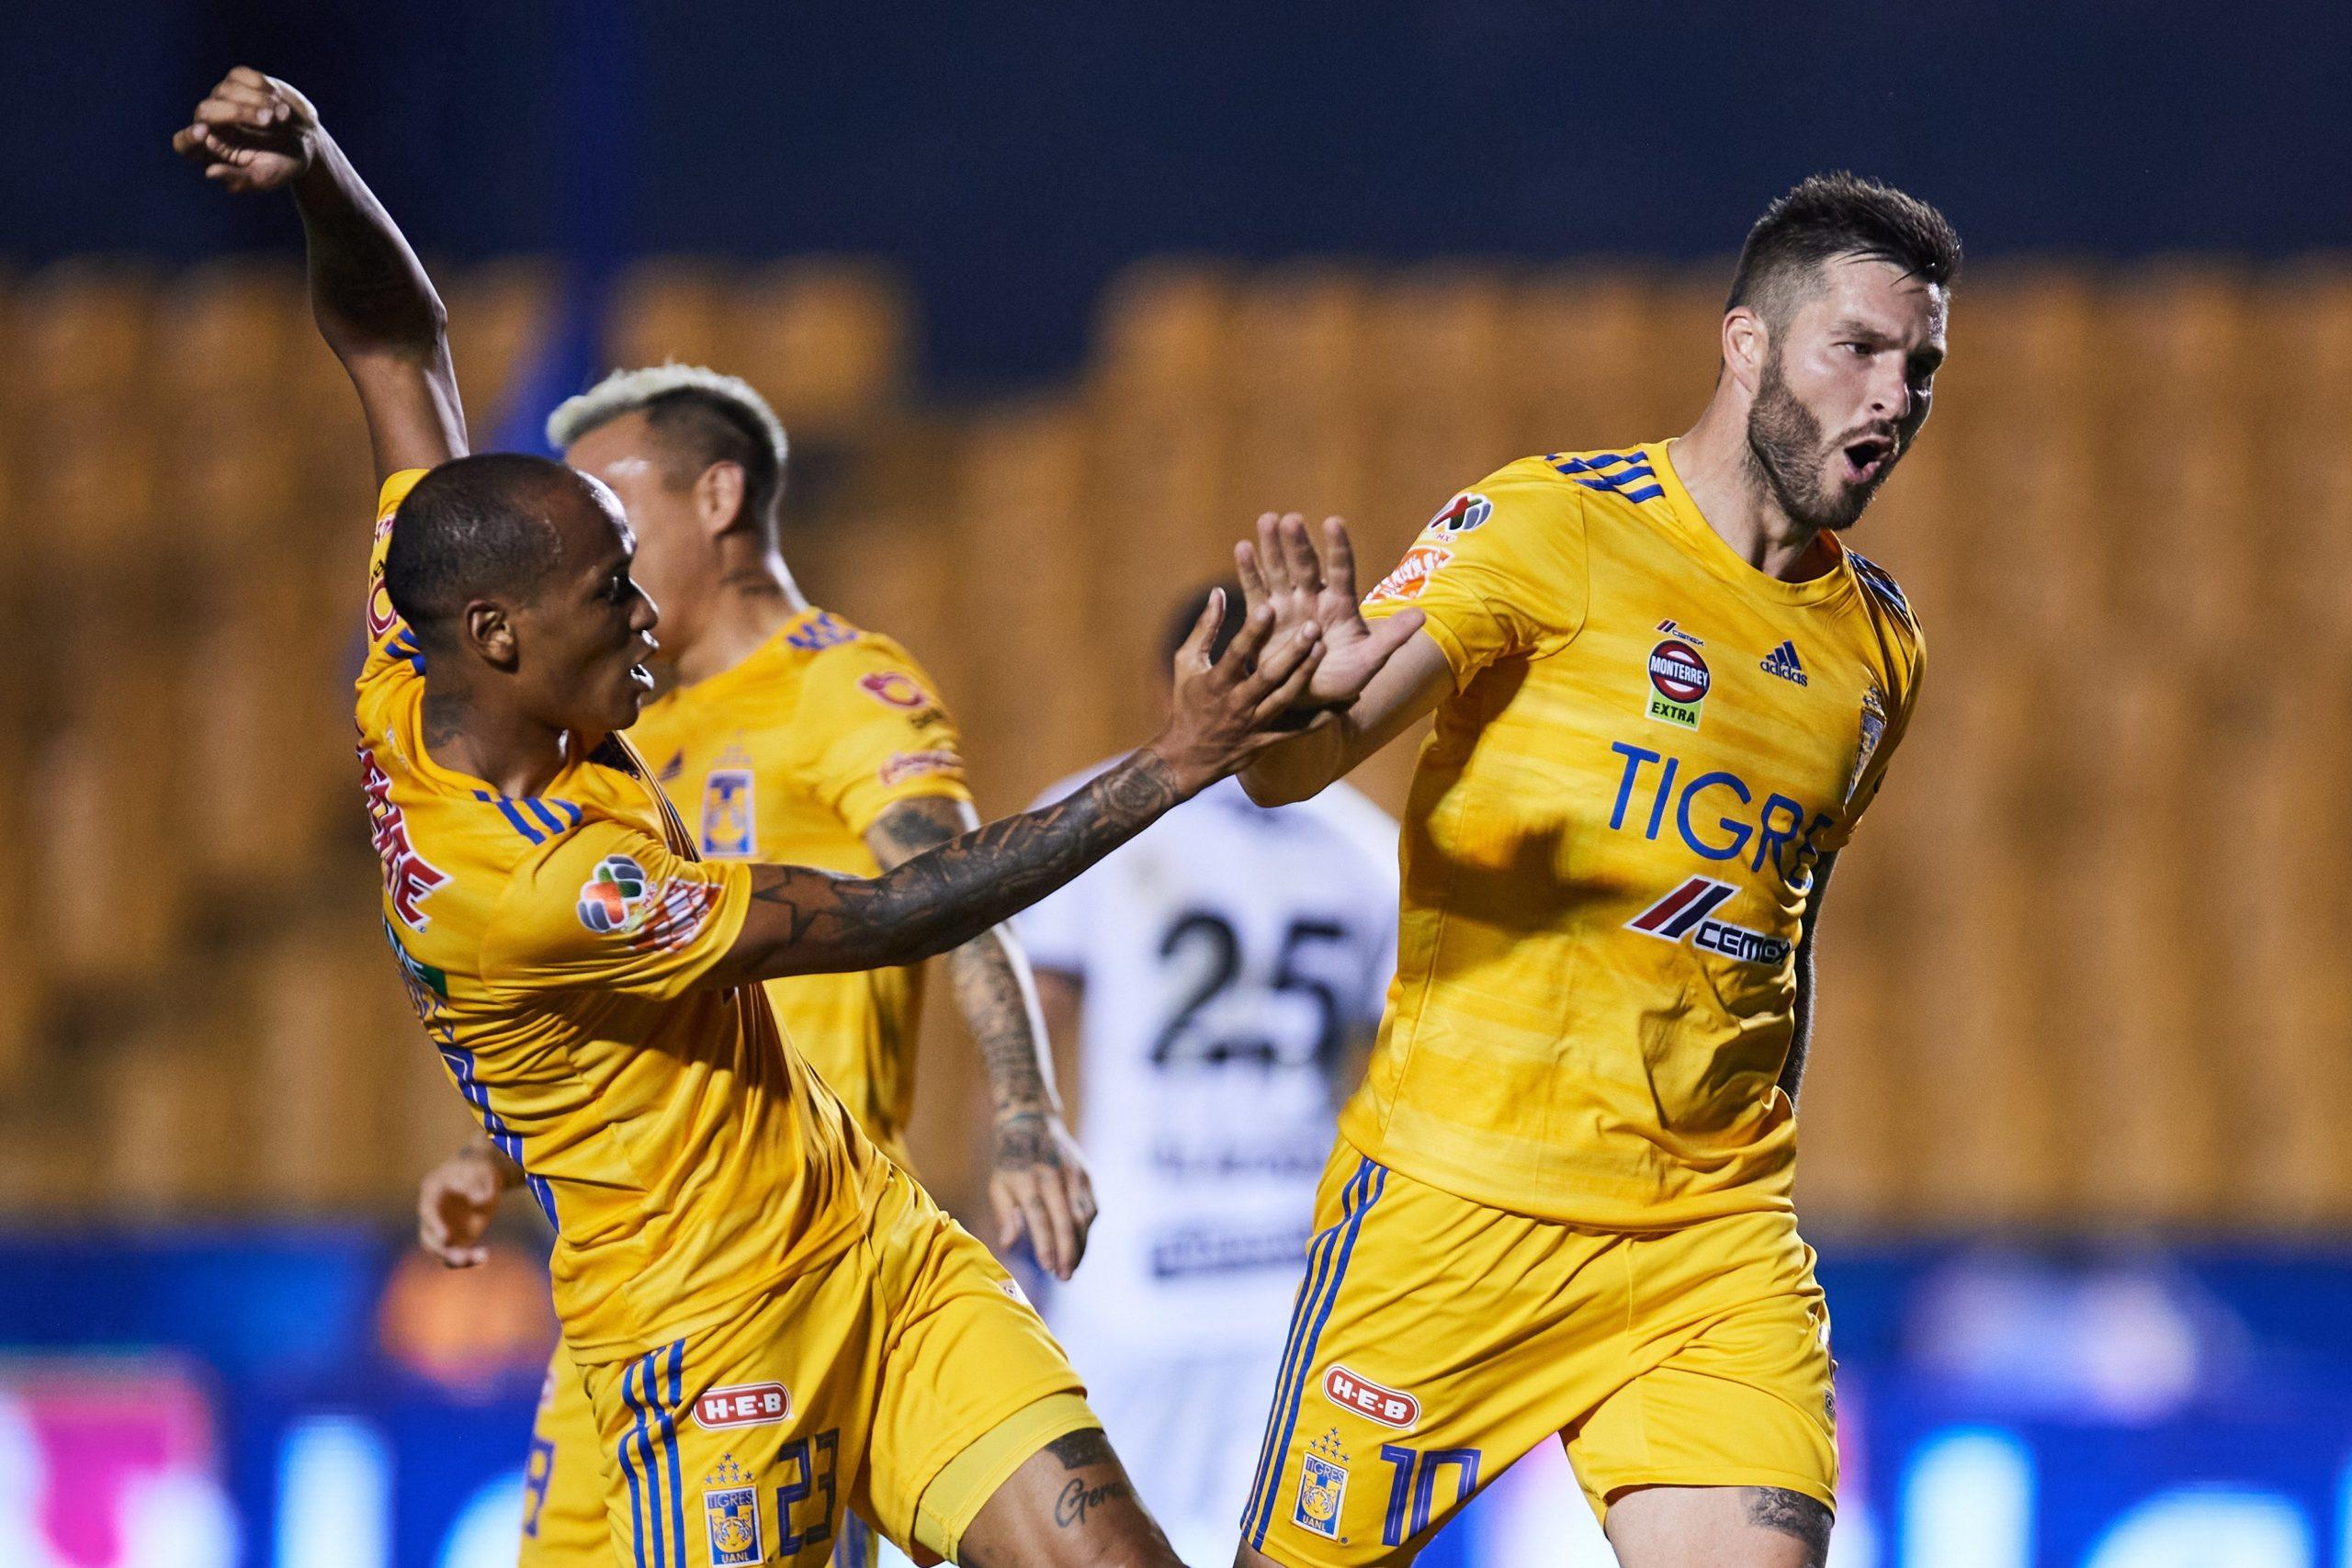 Sufrida victoria de Tigres ante Bravos